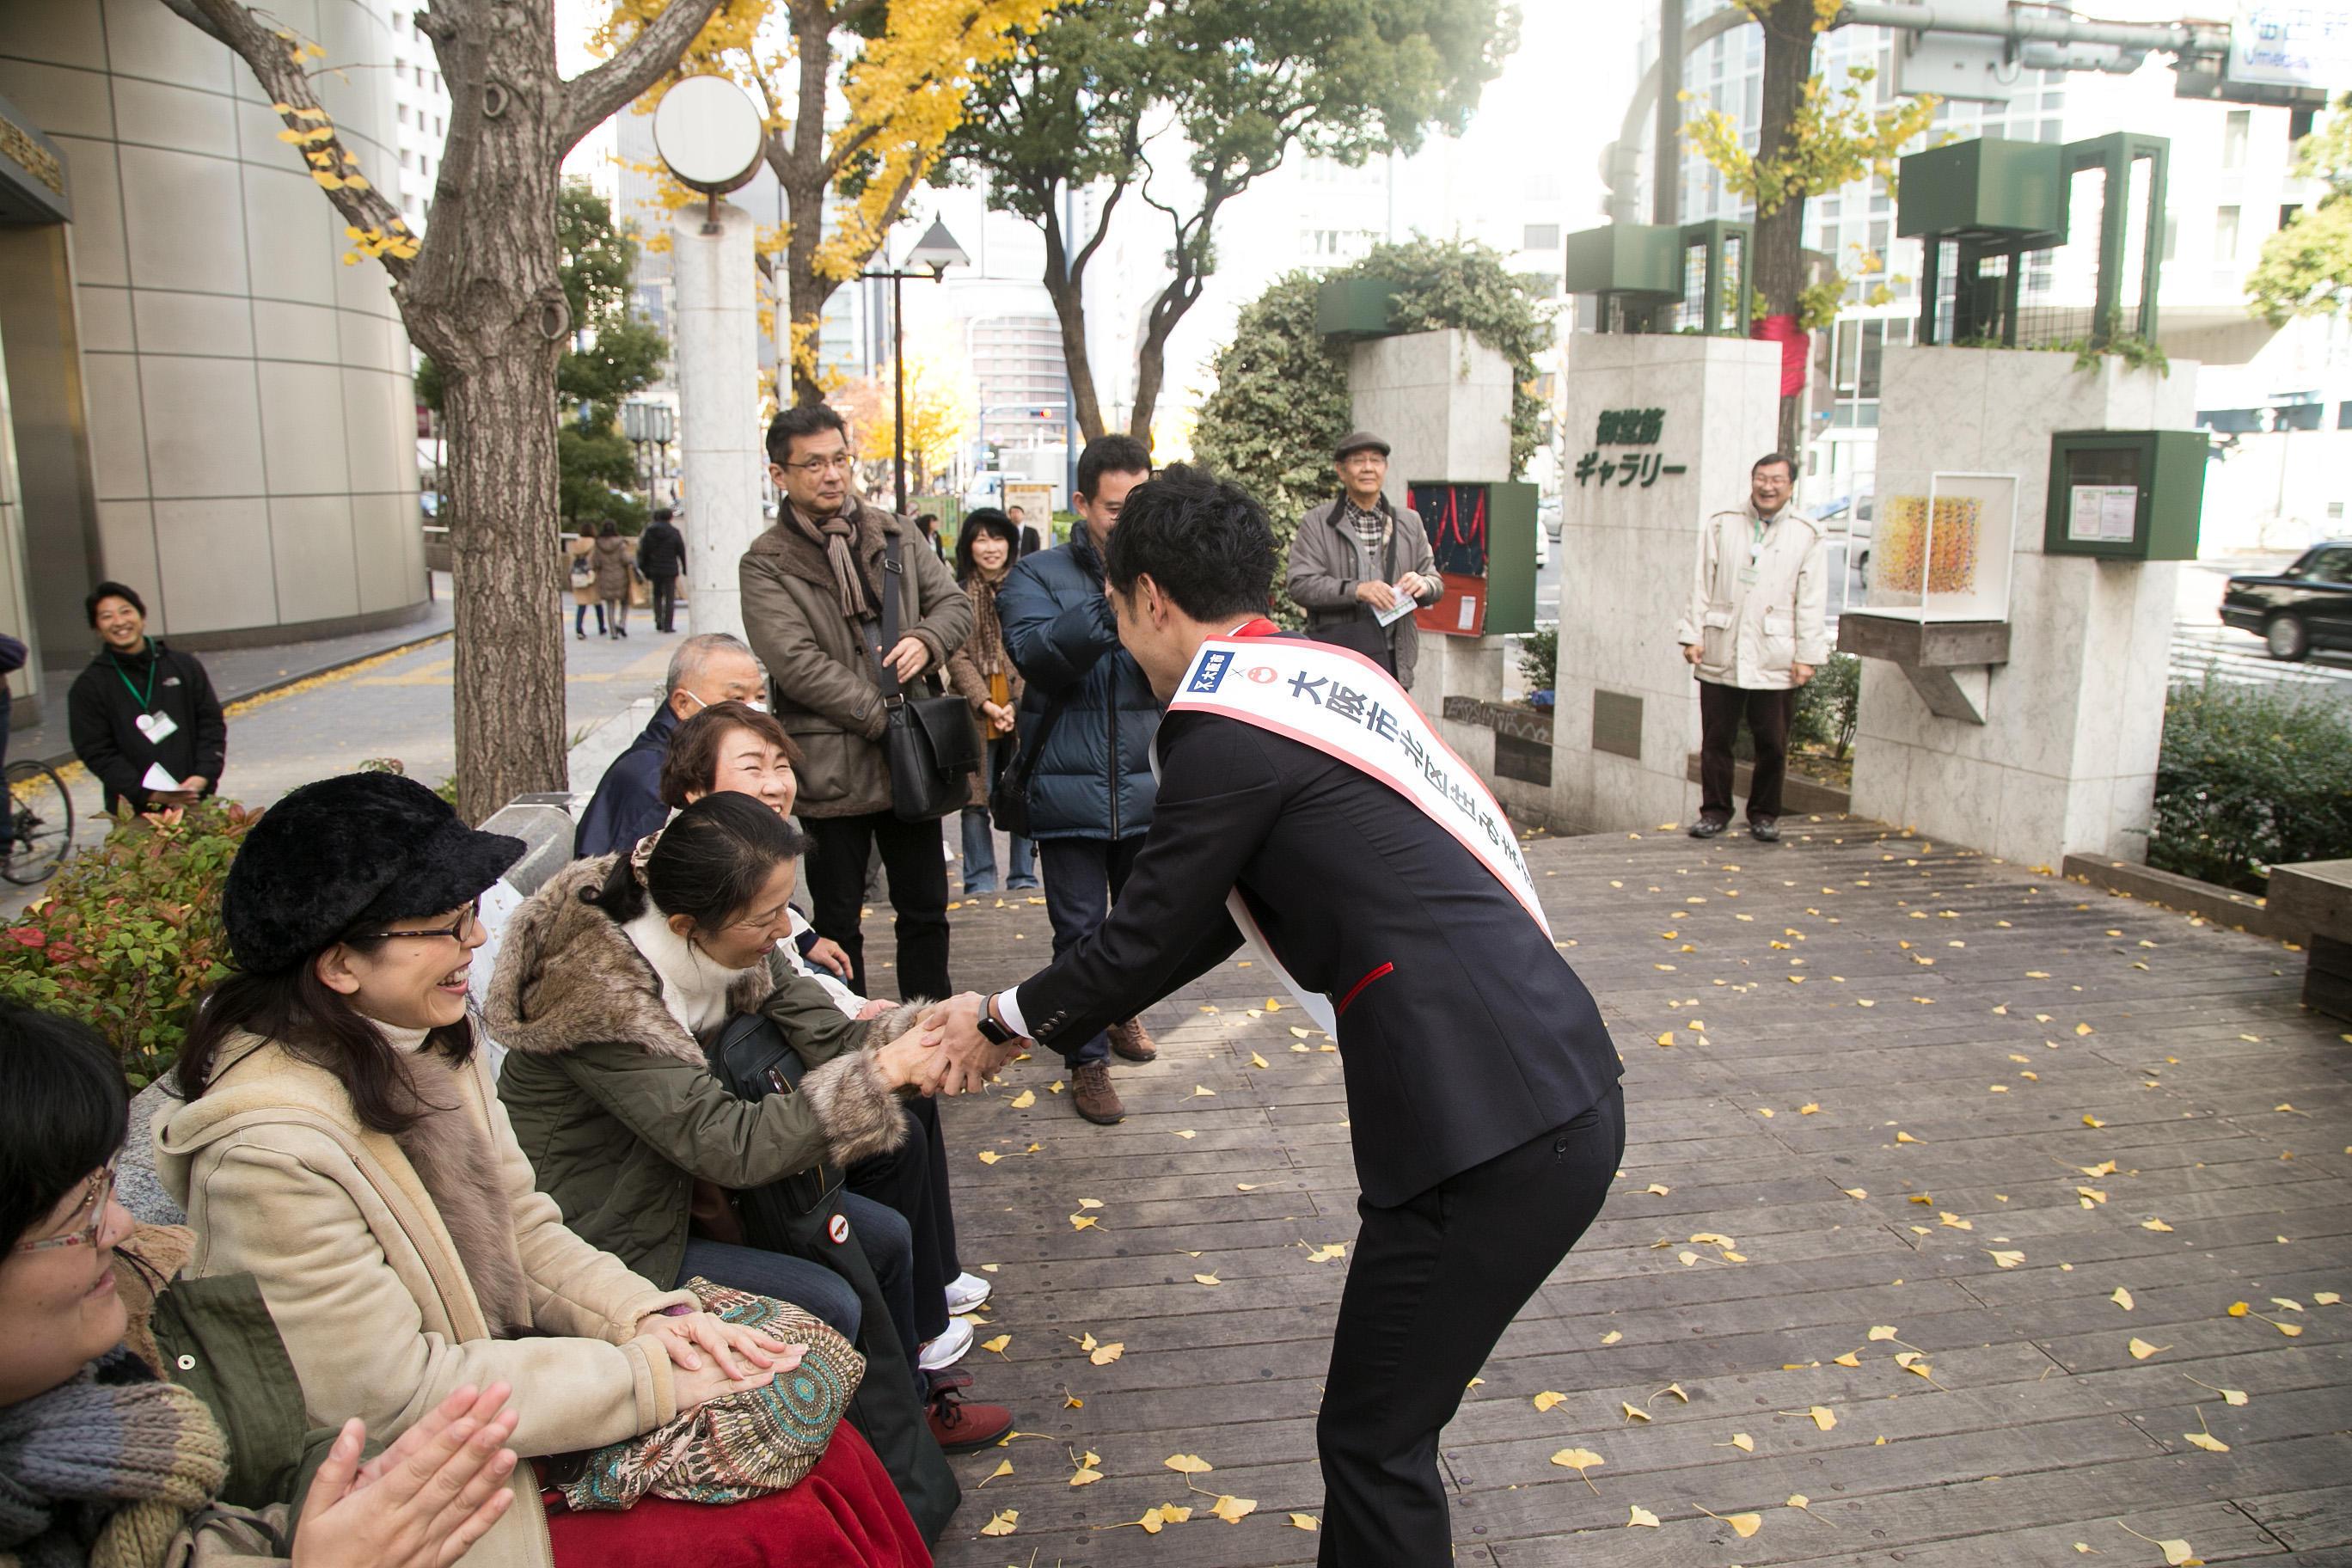 http://news.yoshimoto.co.jp/20171203202053-52de6b1795bac0ee830502cd0397c9b64c1f45d2.jpg